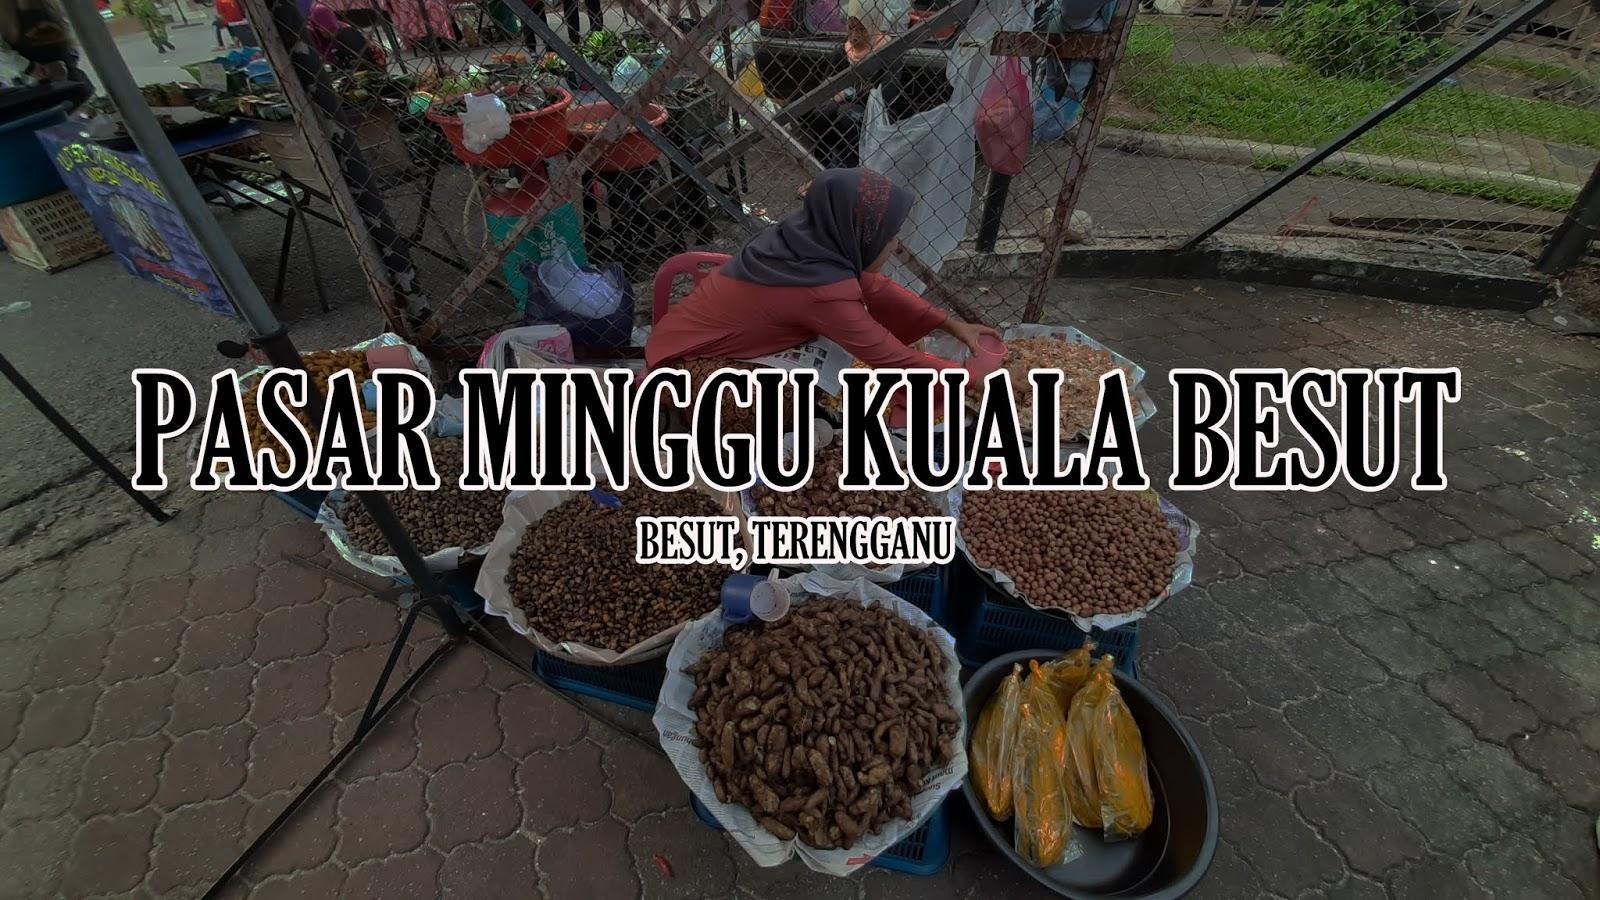 Pasar Minggu Kuala Besut Setiap Hari Jumaat Masih Tidak Berubah